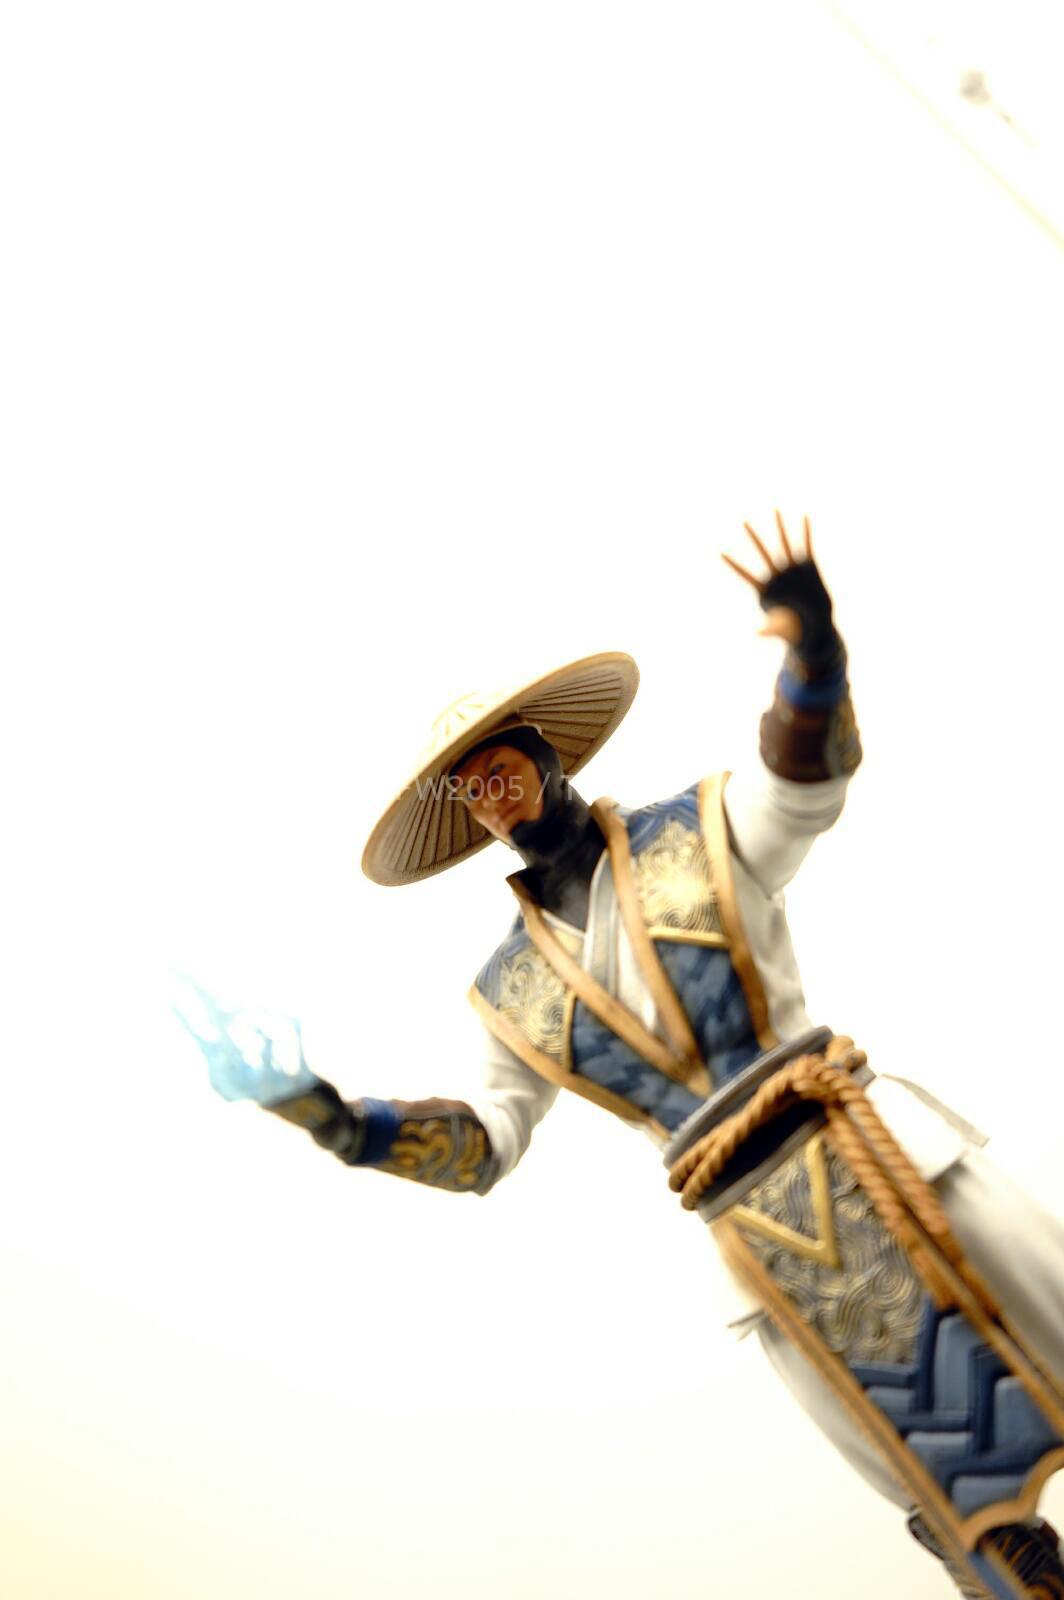 [NYCC 2014] MEZCO - 6-Inch Mortal Kombat X Figures NYCC-2014-Mezco-Mortal-Kombat-X-013